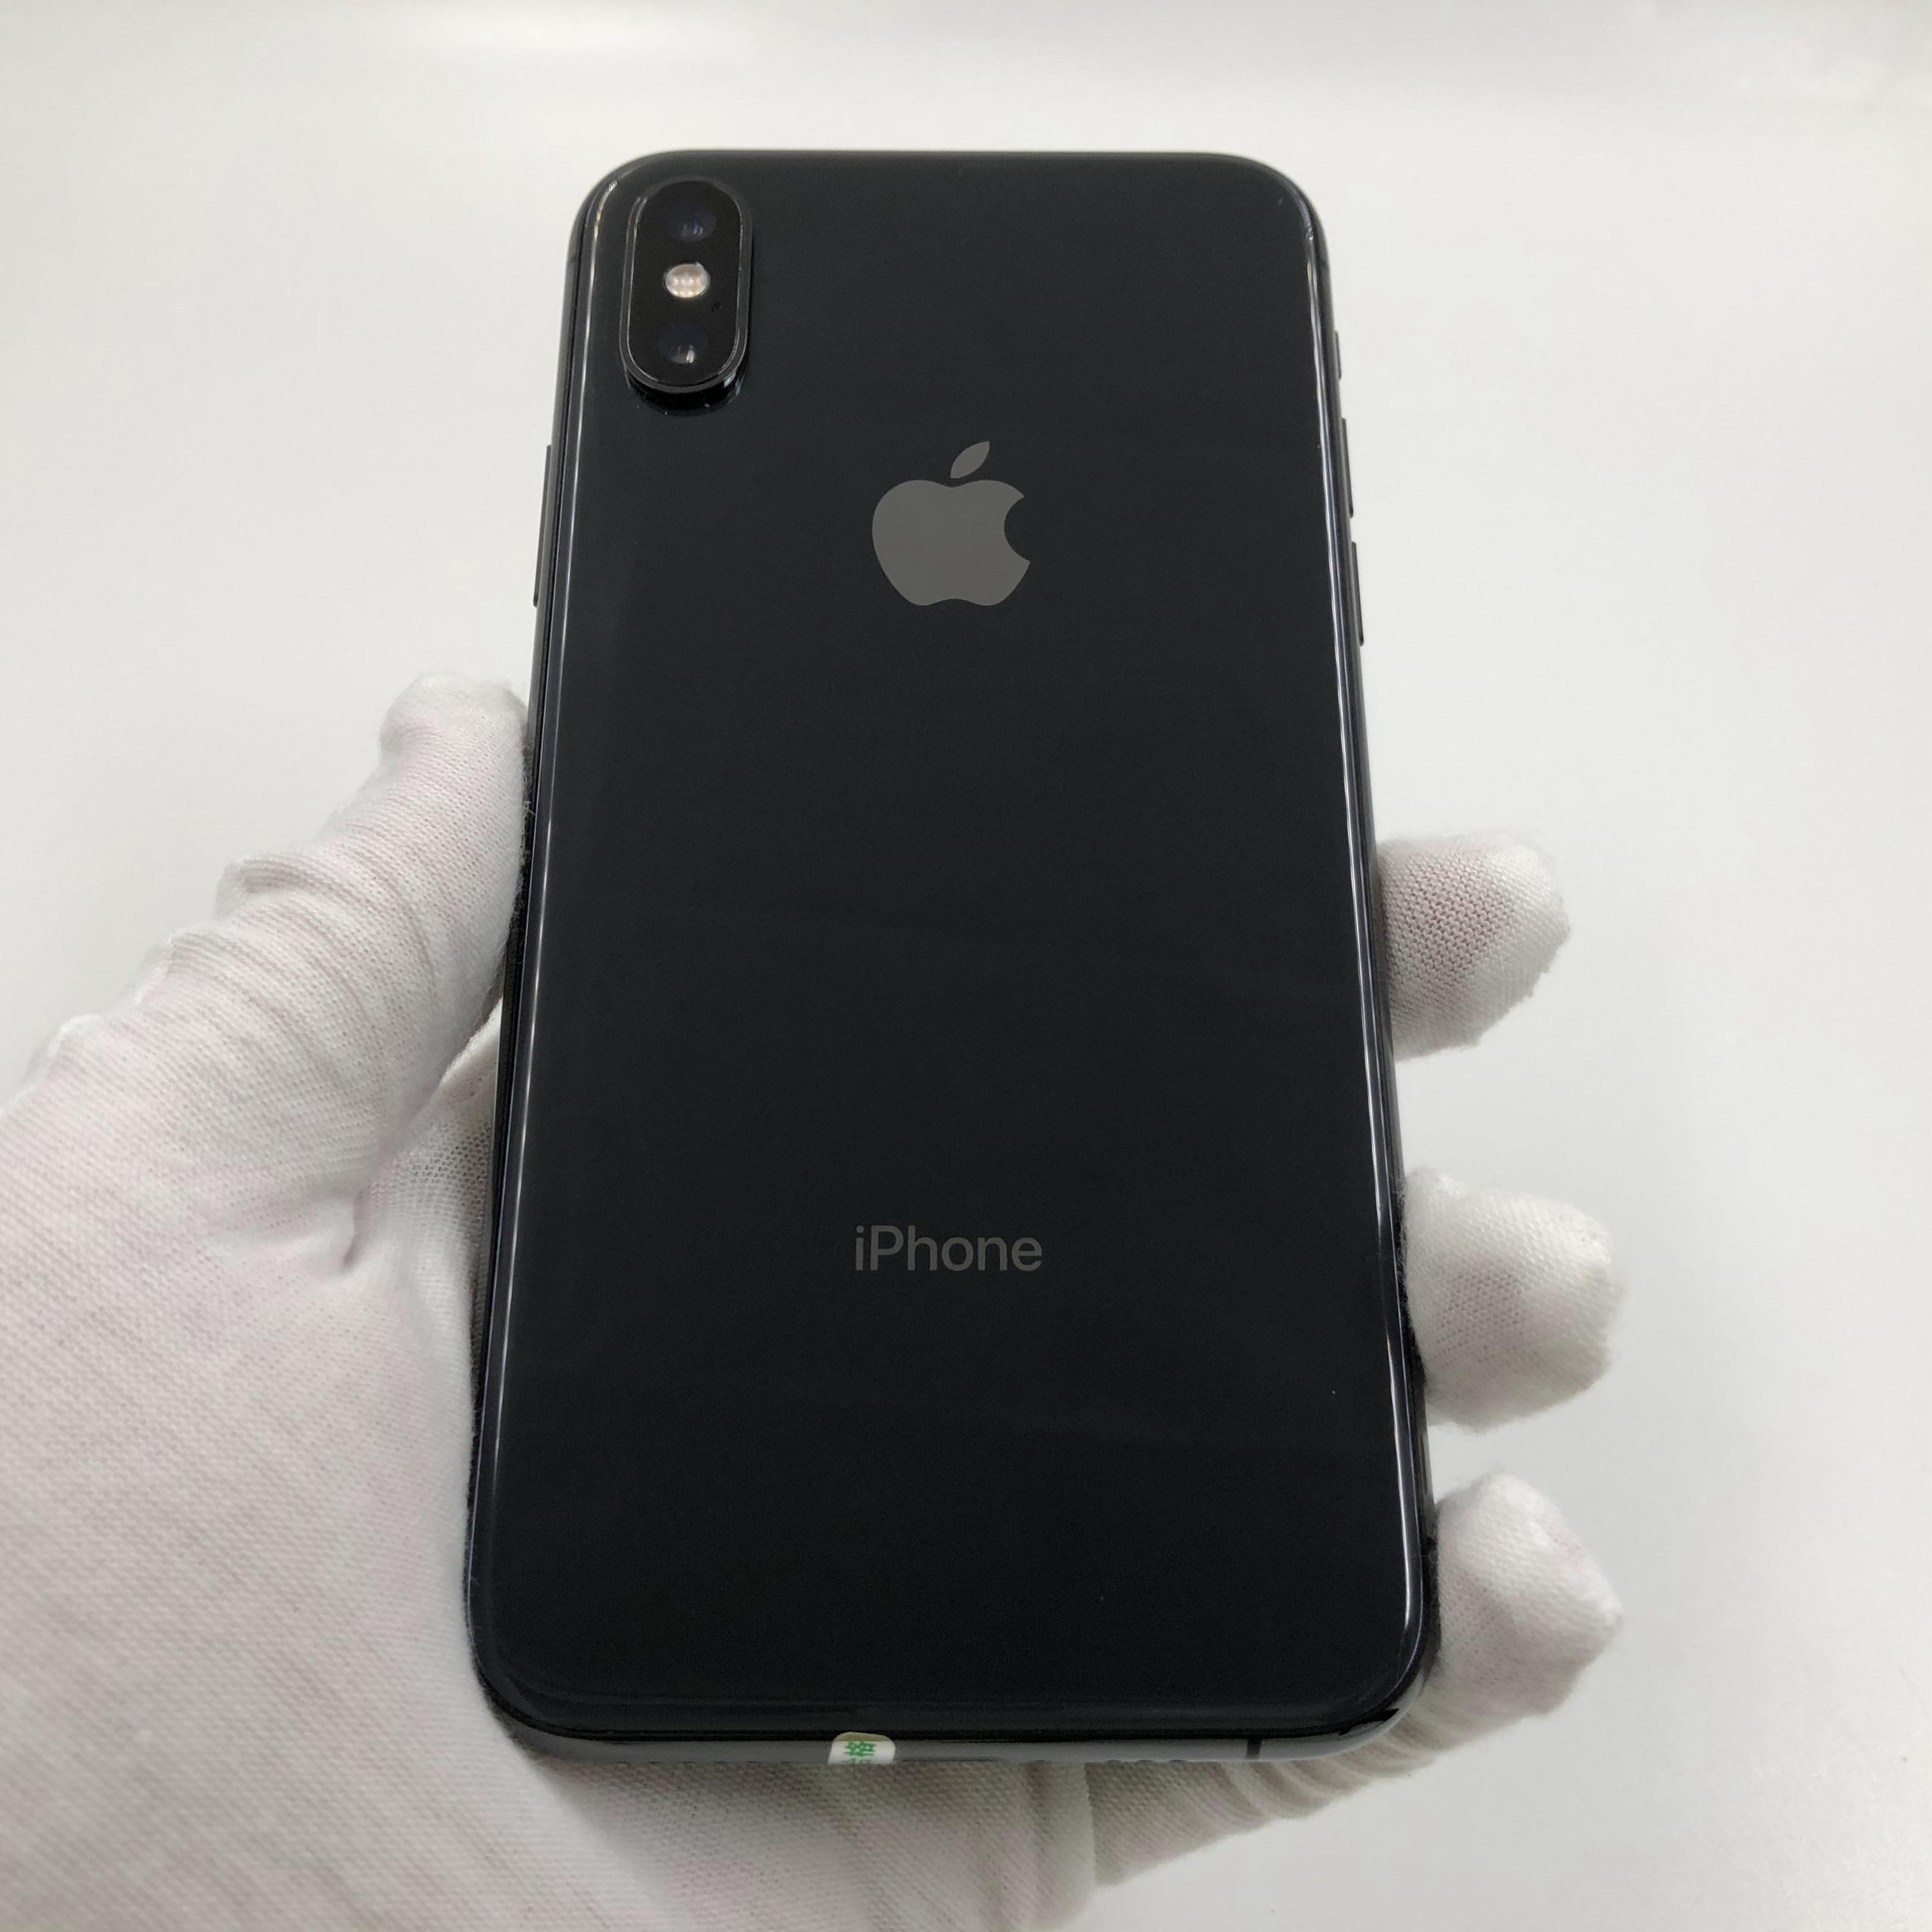 苹果【iPhone Xs】4G全网通 深空灰 256G 国行 8成新 真机实拍官保2021-08-28